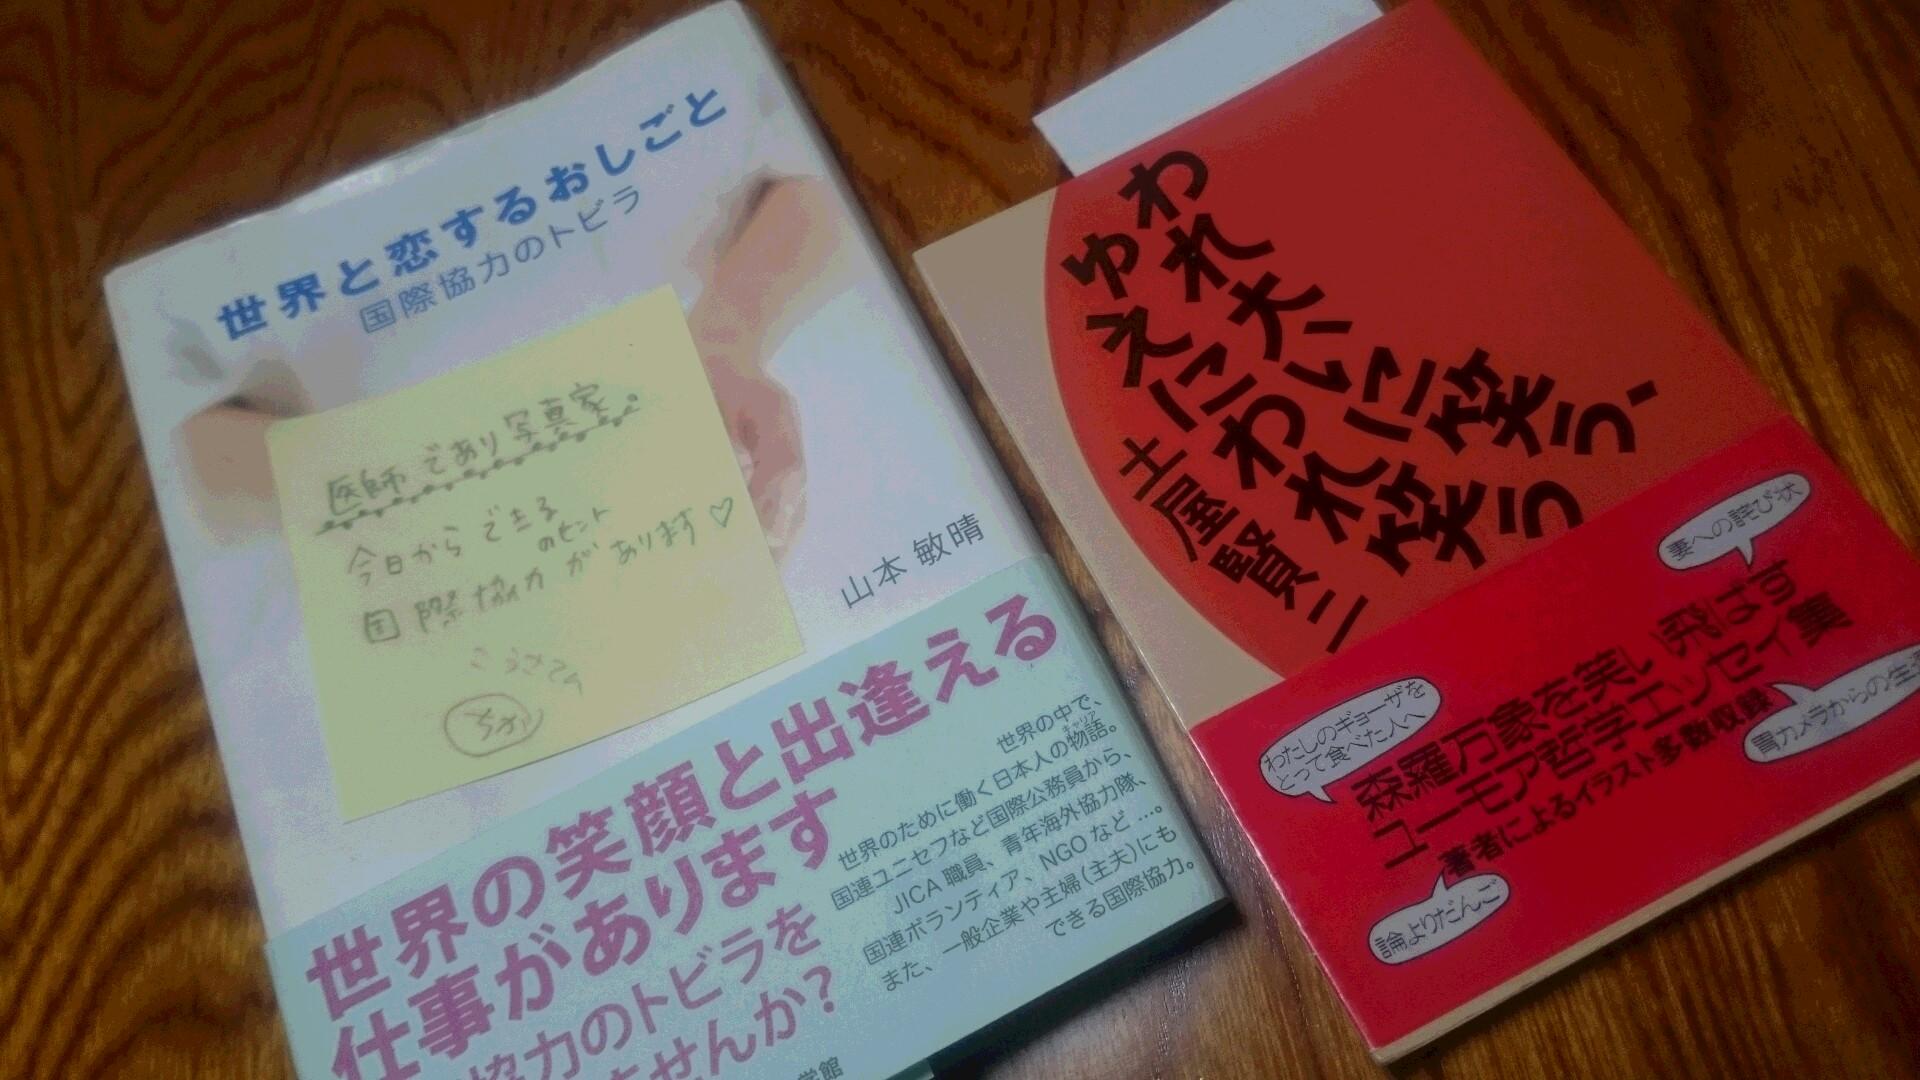 ブクブクbookbook交換会